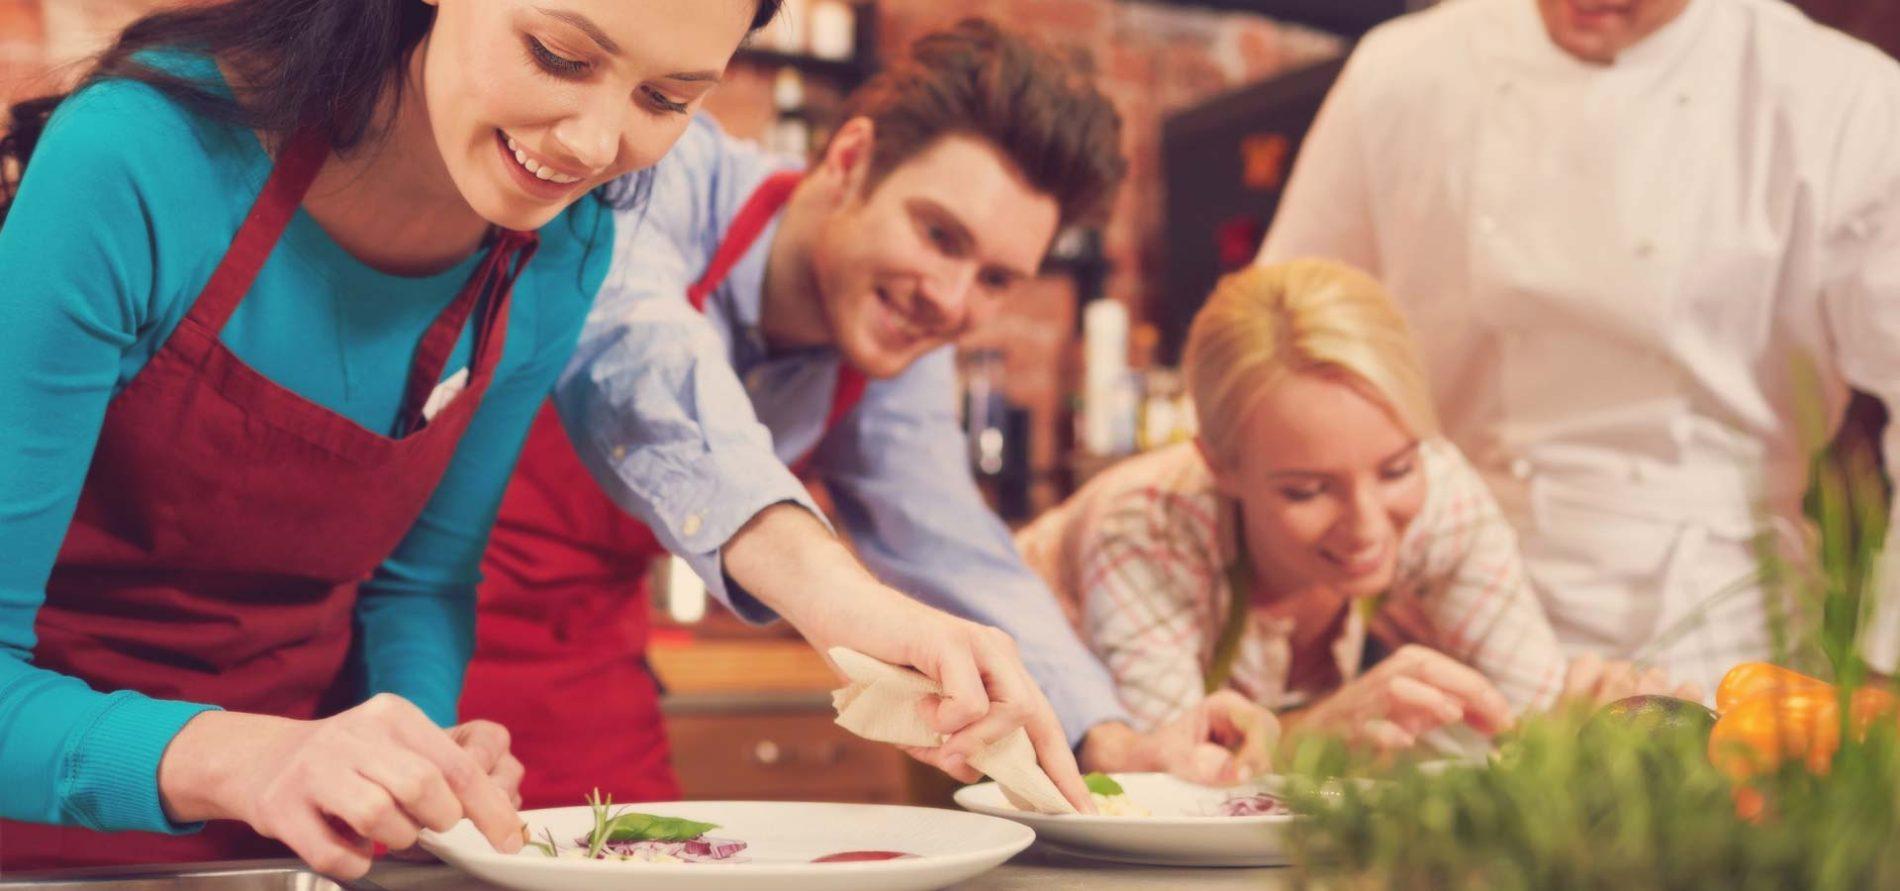 Шеф за Ден – Гурме Кулинарен Курс по Избор Перфектният подарък за тези кулинарни ентусиасти, които искат за пренесат уменията си на следващото ниво за кулинарни изкушения. Щастливецът, който ще зарадваш с този подарък ще може да избере между курсовете по Гръцка, Италианска, Испанска, Френска, Турска, Тосканска, Провансалска, Скандинавска кухня, Тапас и пинчос, Бързи гурме рецепти, Риба и мосрки дарове и много други.